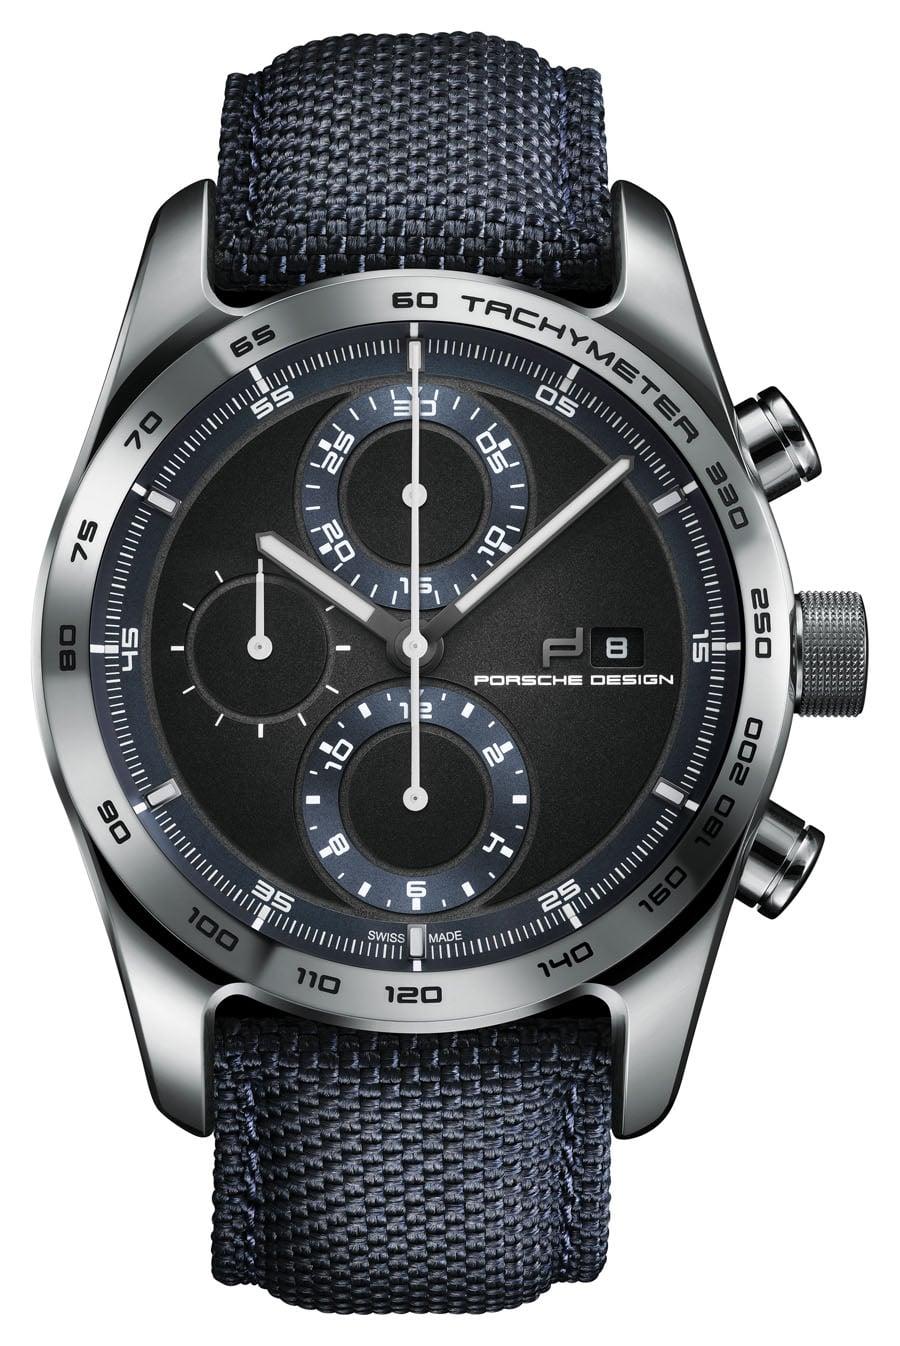 Porsche Design: Chronotimer Series 1 Deep Blue